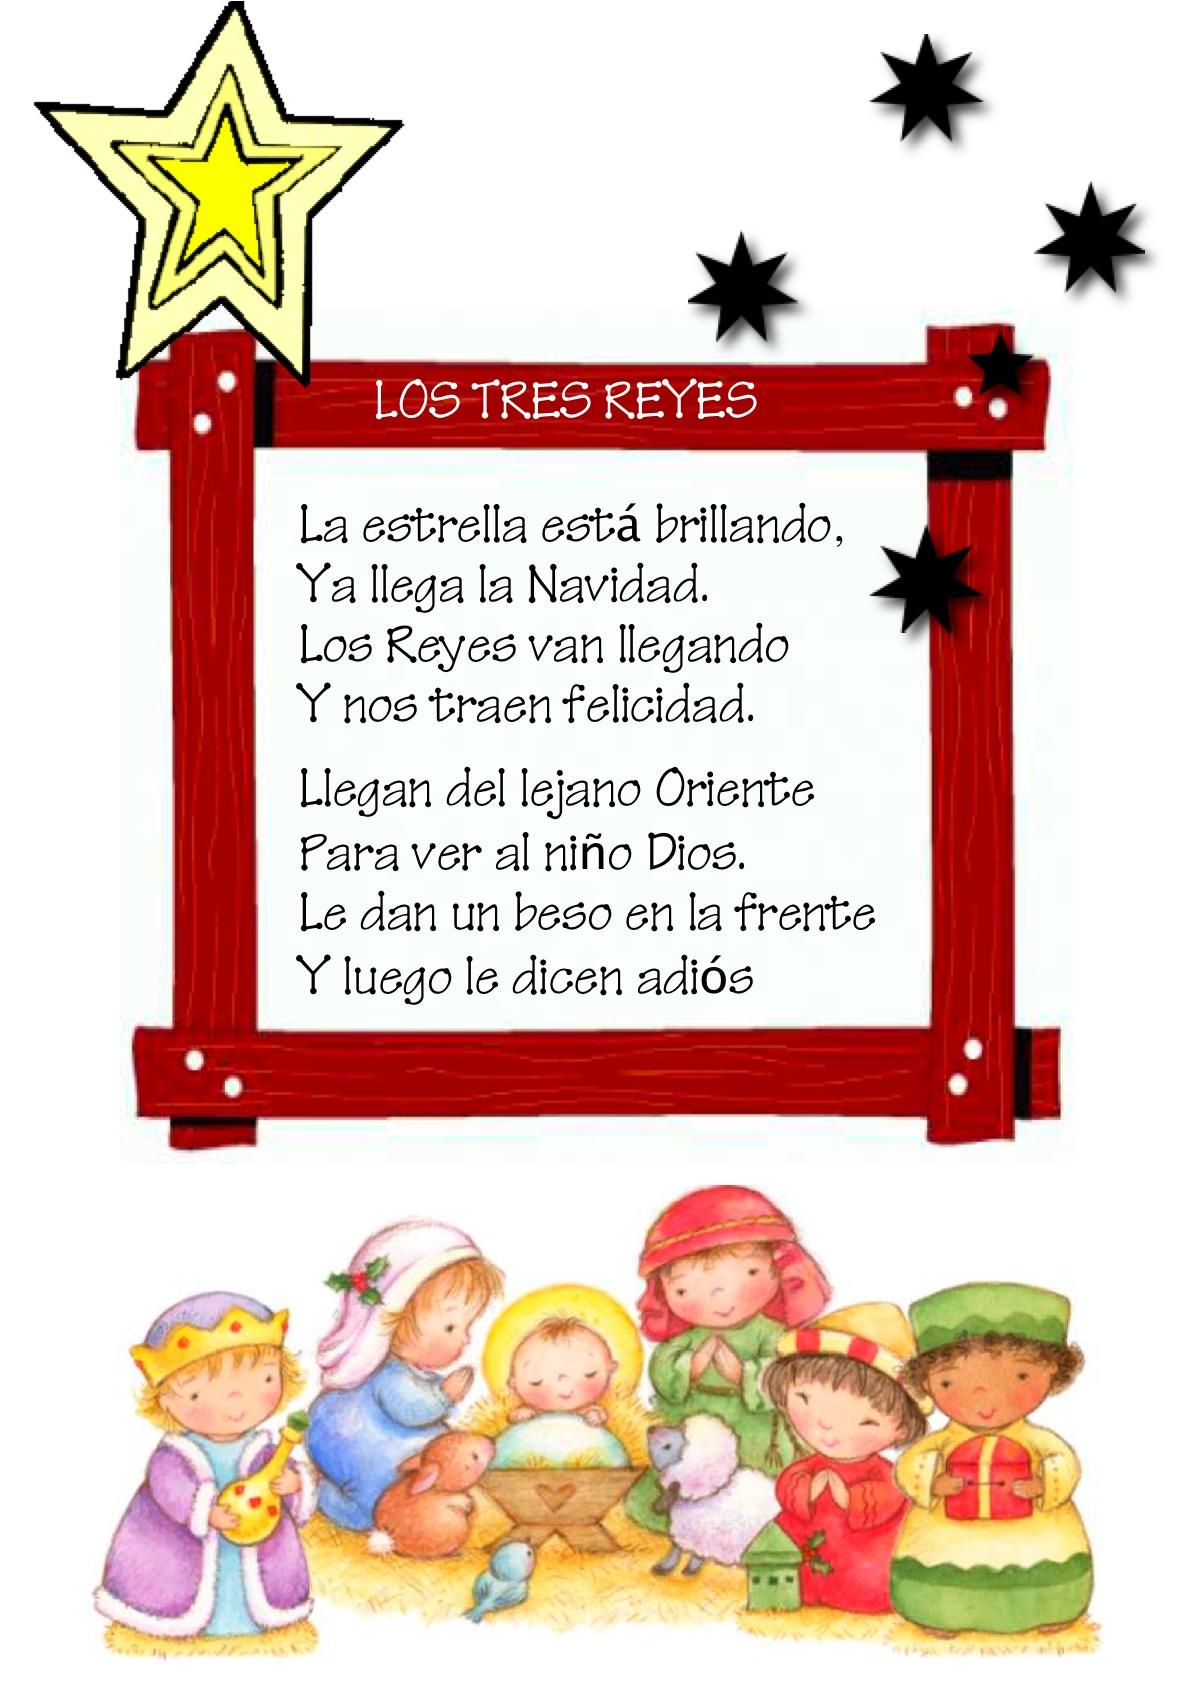 Frases de Navidad para niños - Mr Wonderful